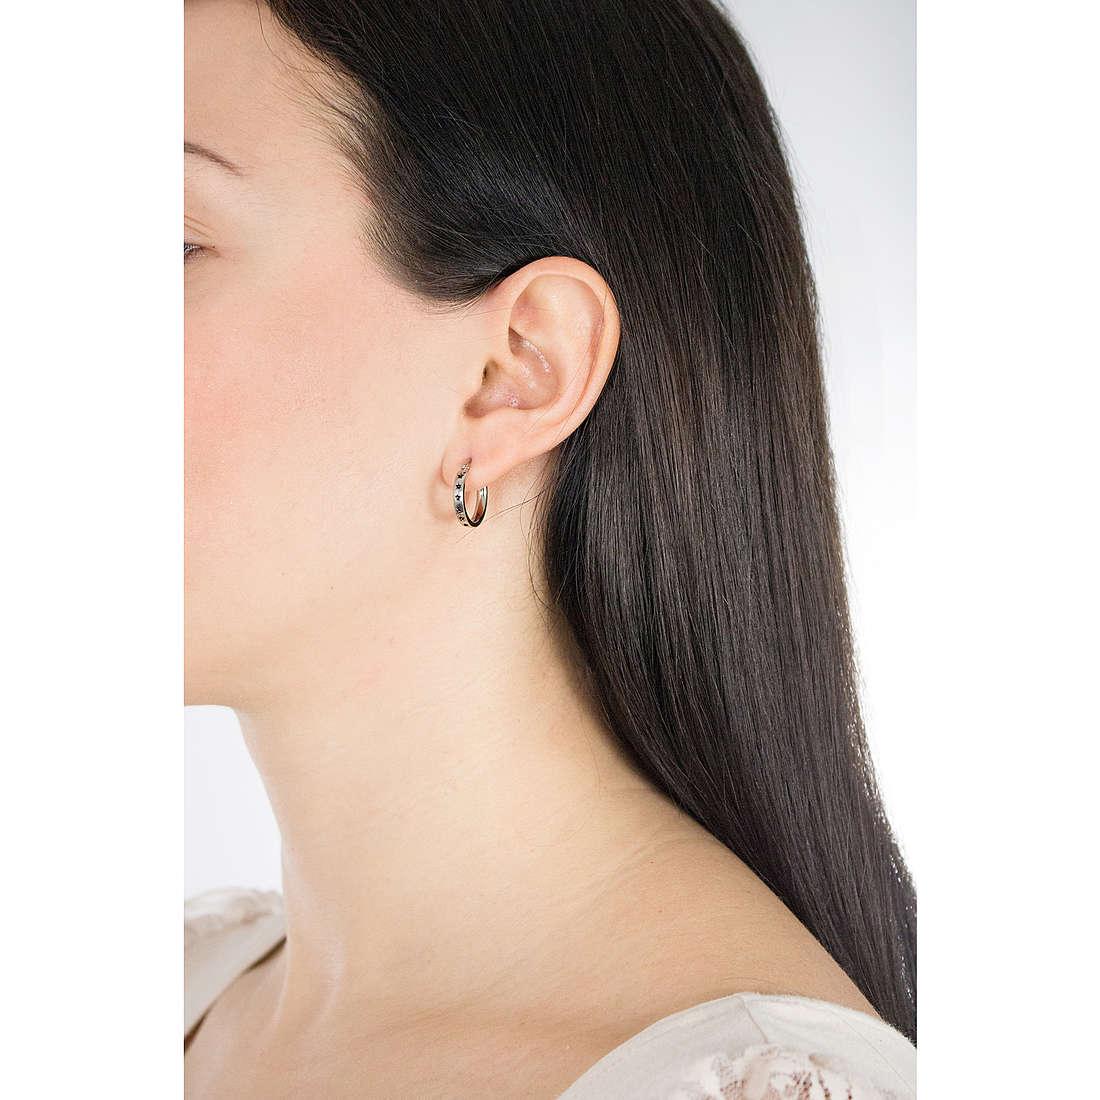 Nomination orecchini Starlight donna 131509/007 indosso